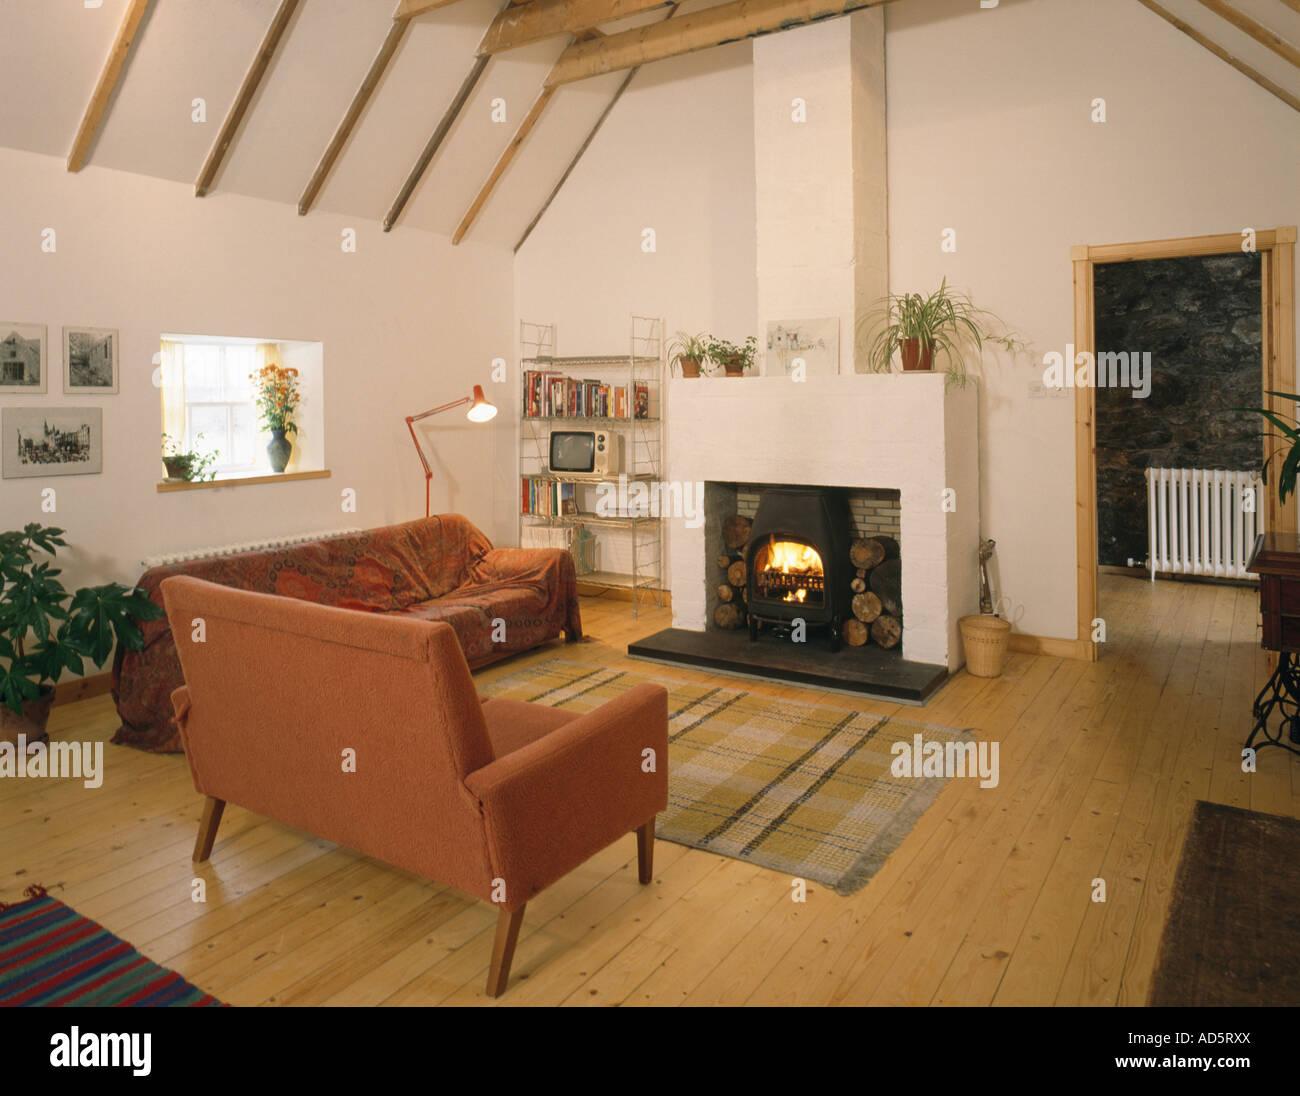 Terrakotta-Sofas und Kamin im Stall Umbau Wohnzimmer mit Holzboden ...